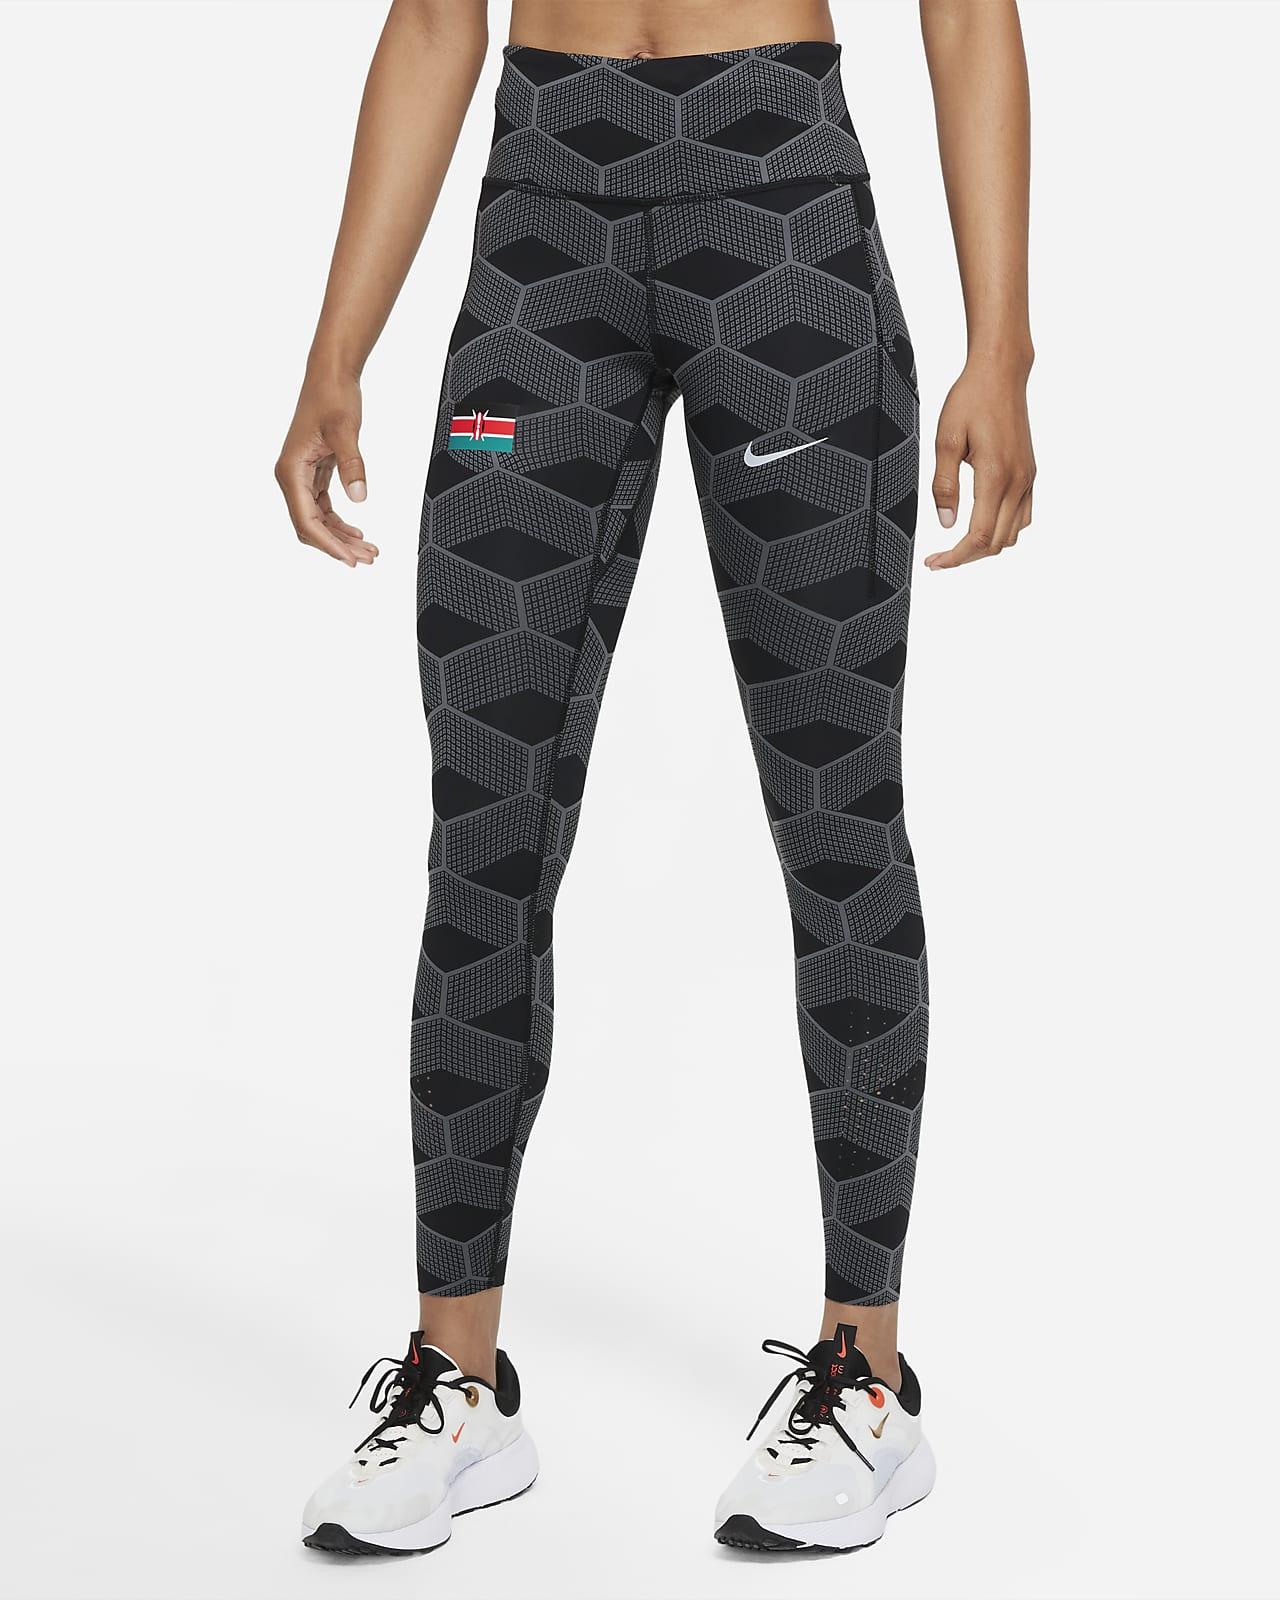 Nike Team Kenya Epic Luxe løpeleggings med mellomhøyt liv til dame